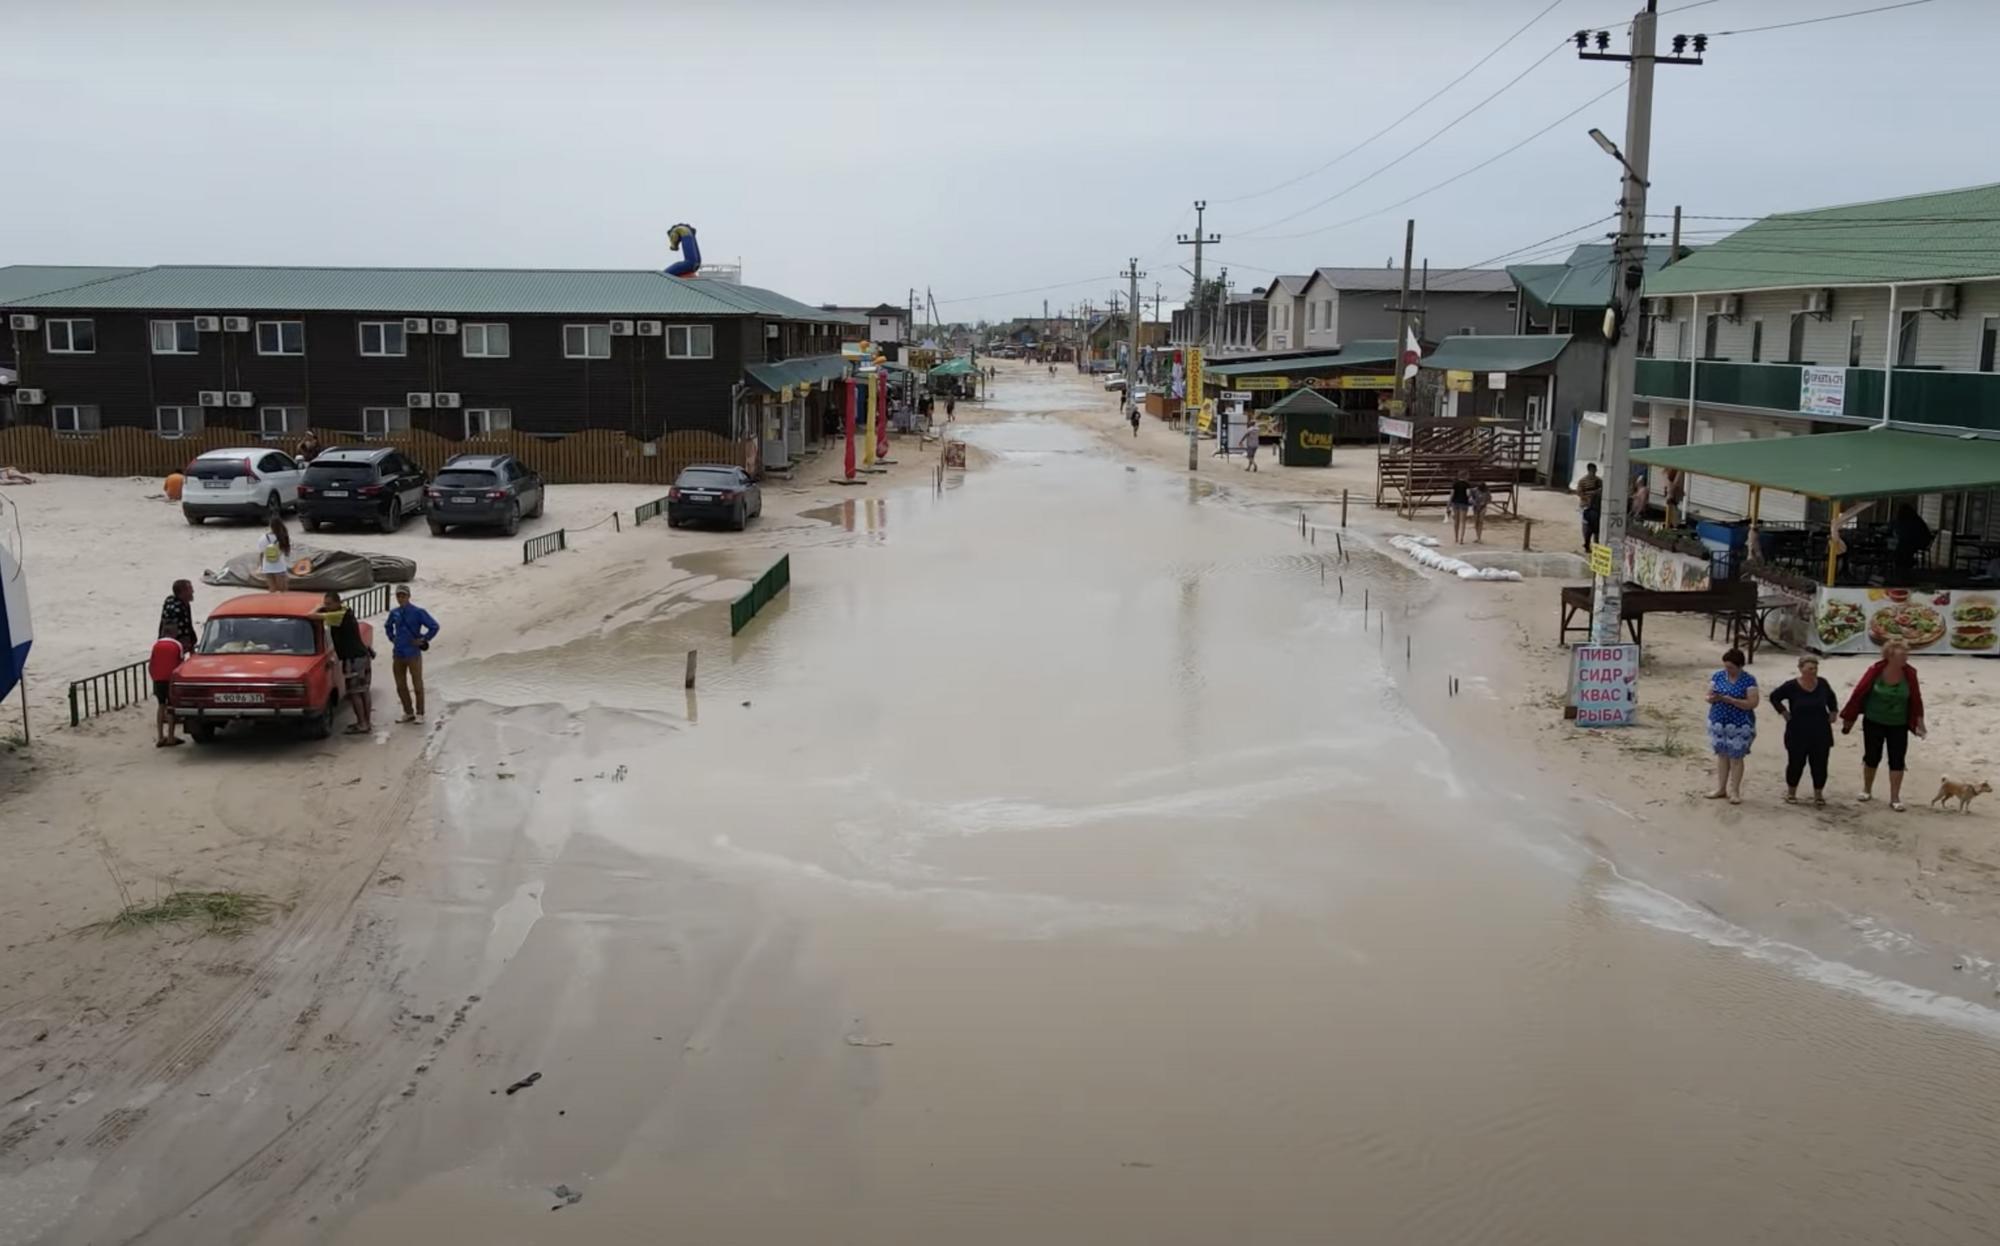 В Кирилловке сильный шторм затопил весь берег.